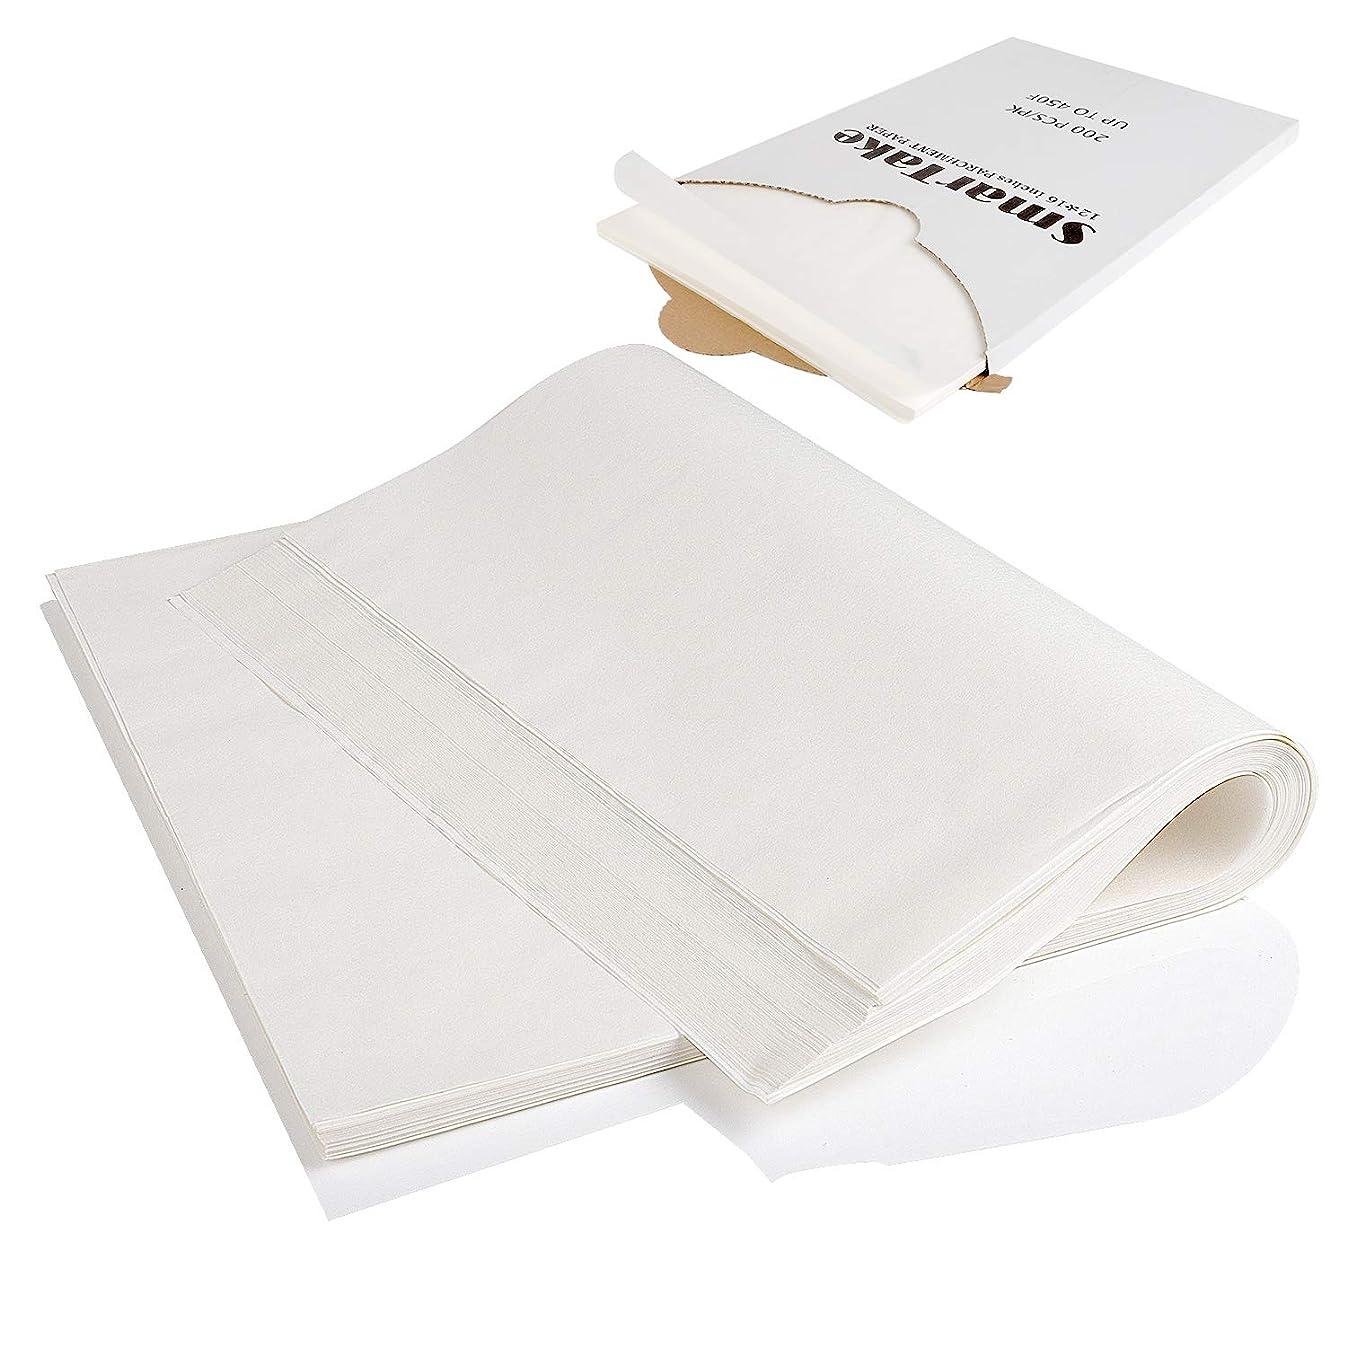 200-Pcs Parchment Paper Baking Sheets, SMARTAKE 12x16